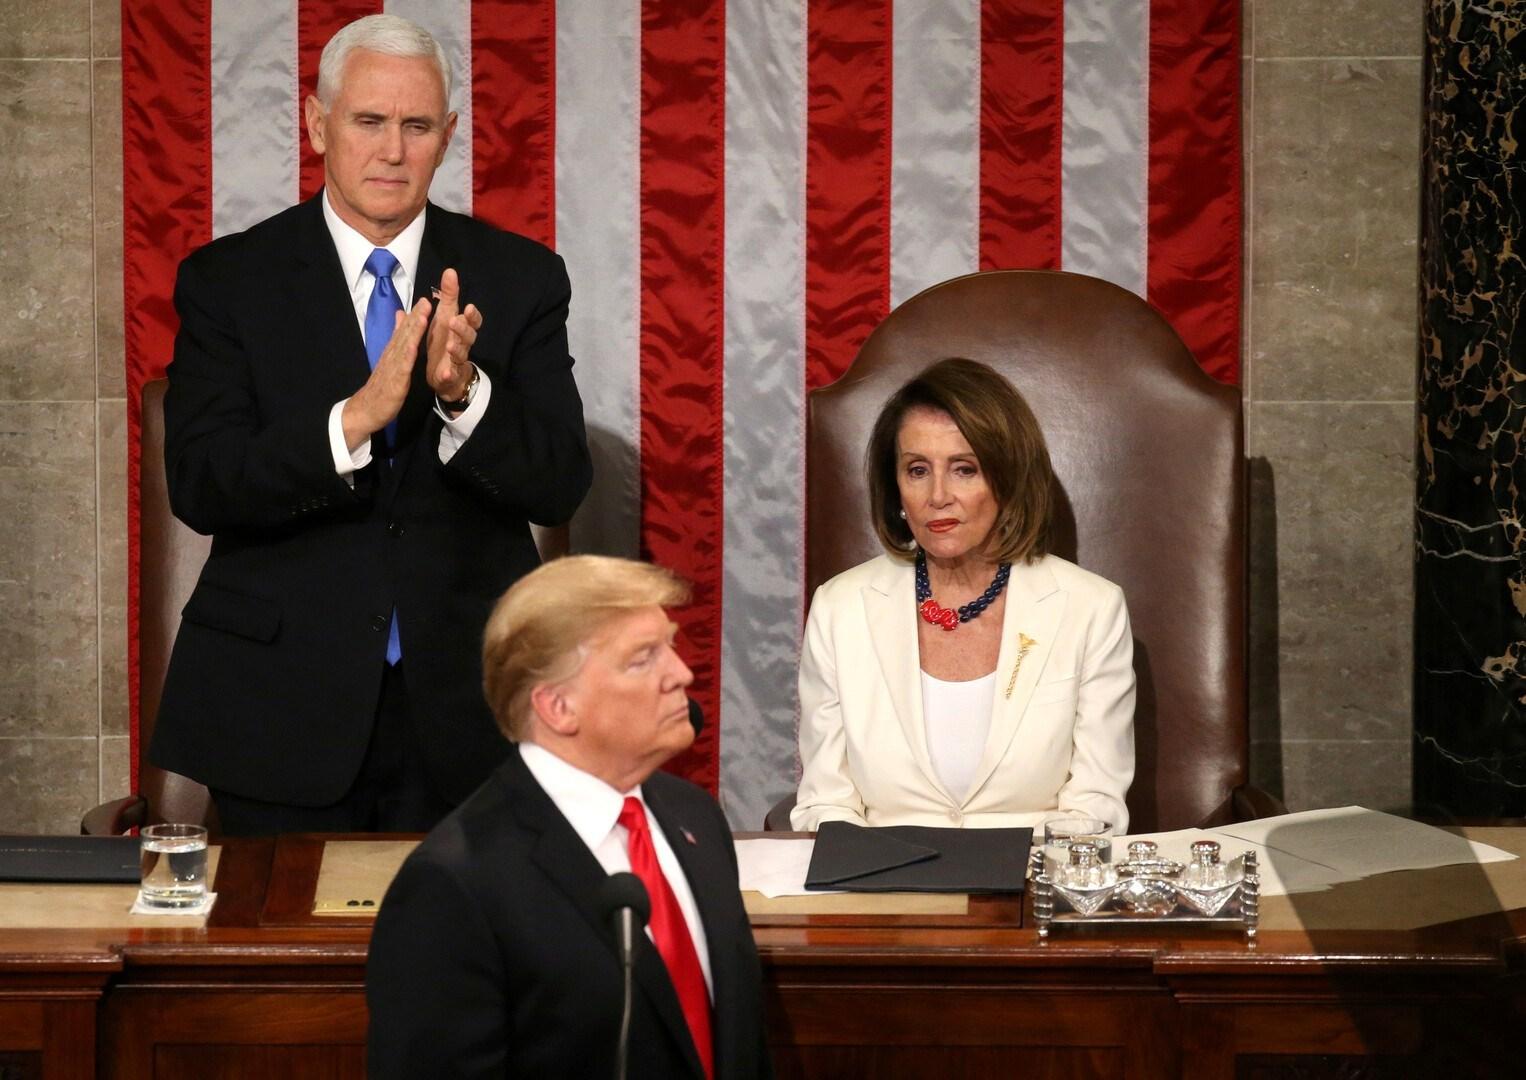 يتذرّع الديمقراطيّون بأنّ الرئيس دونالد ترامب، أصبح فاقداً للأهليّة